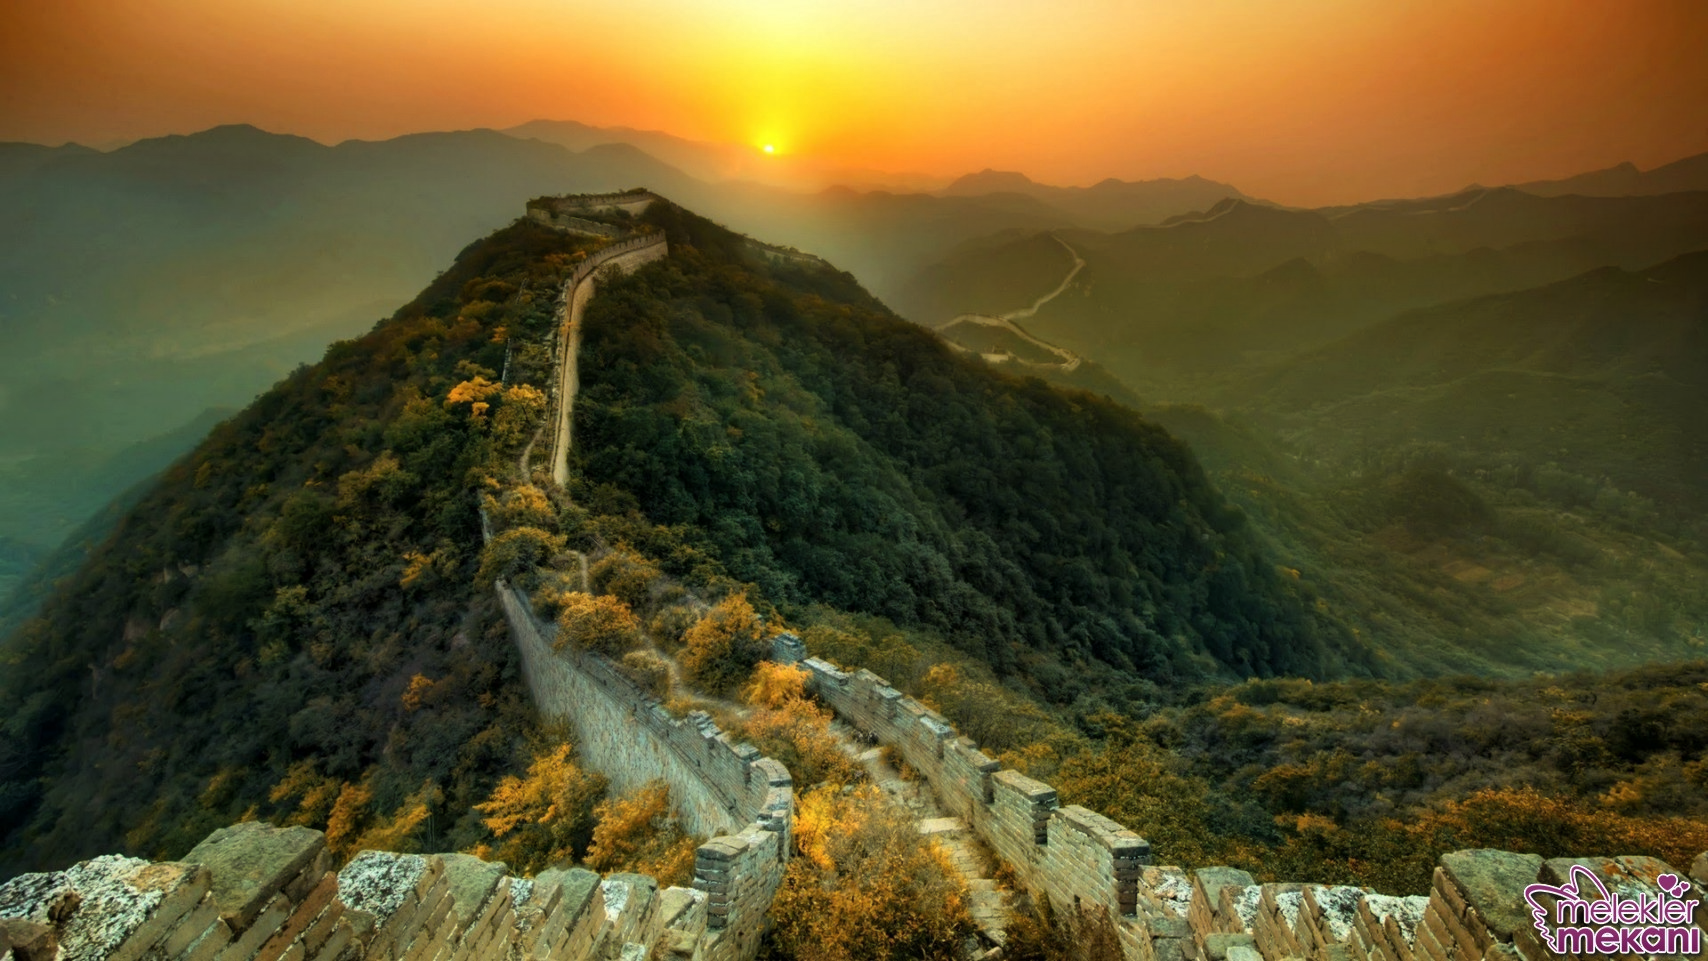 Gerçek resimler dünyanın harika yerleri (6).jpg